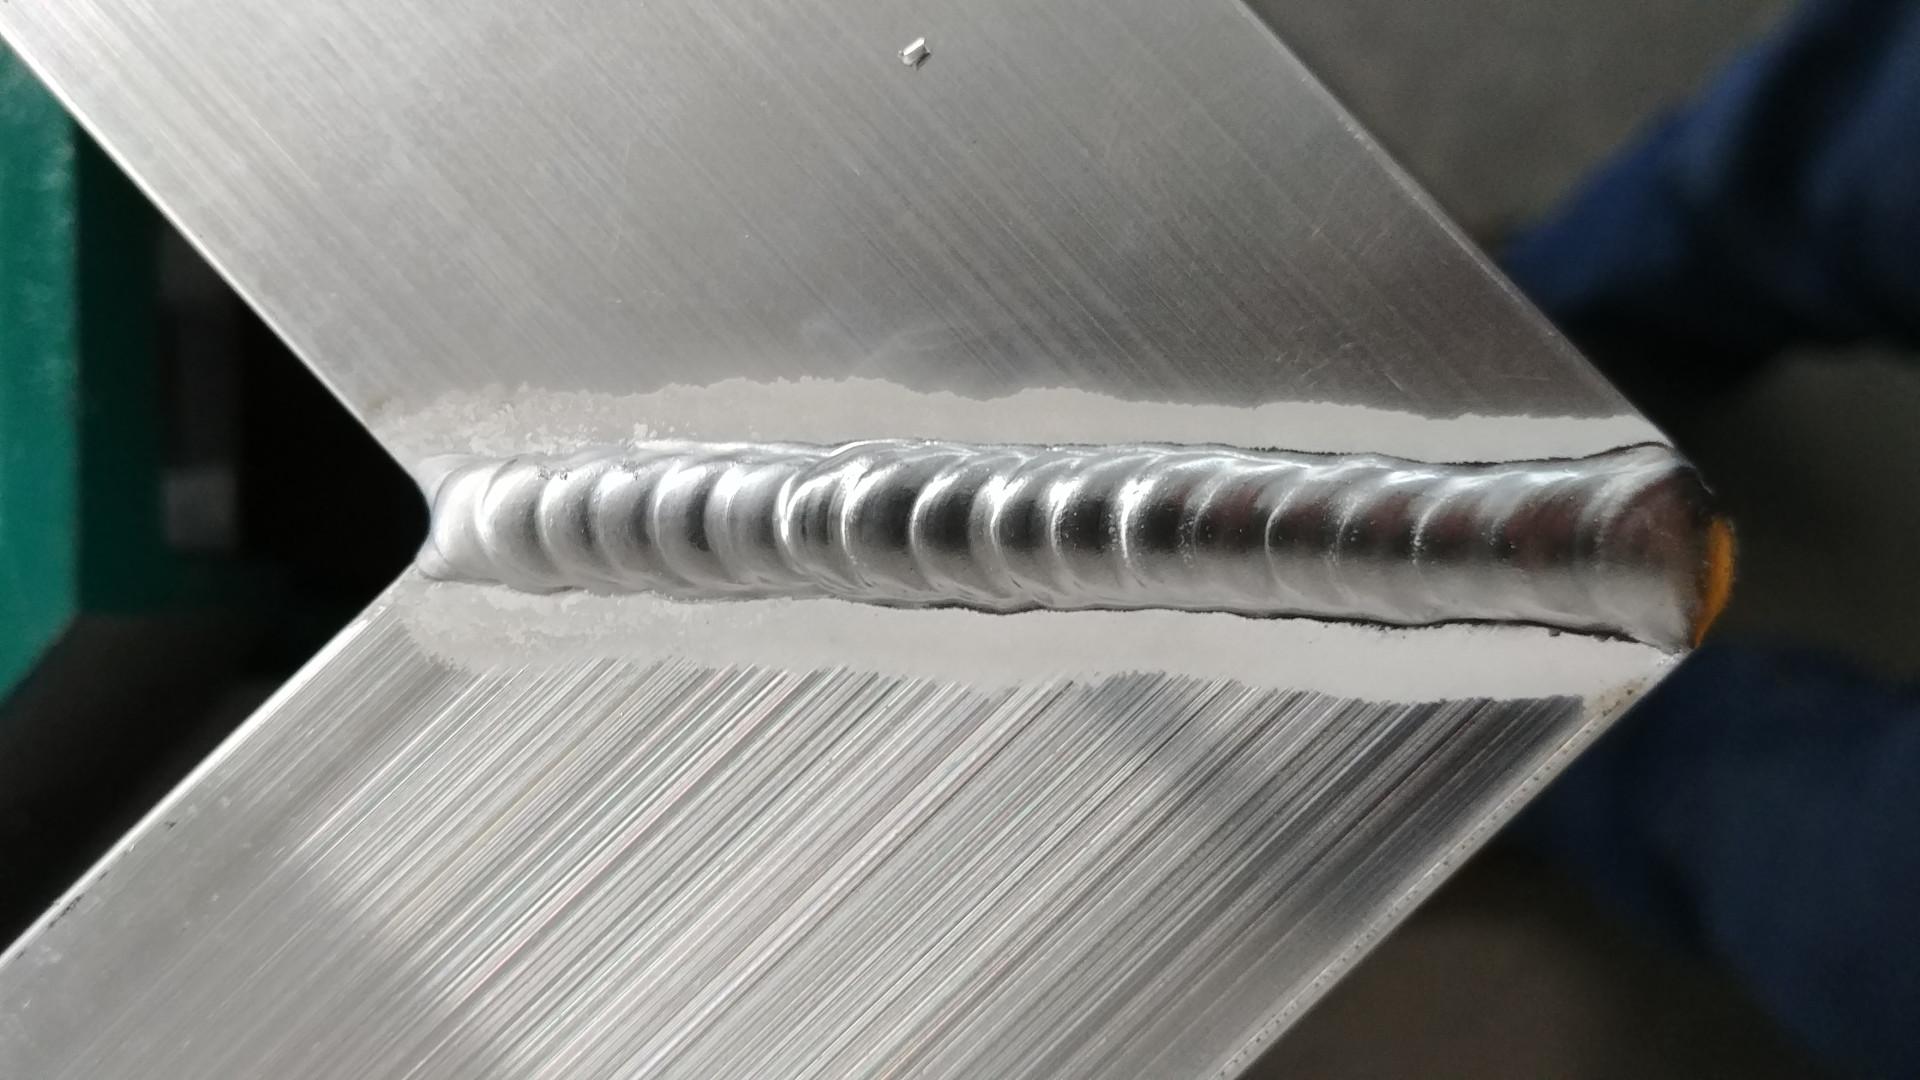 welded 6061T6 aluminum